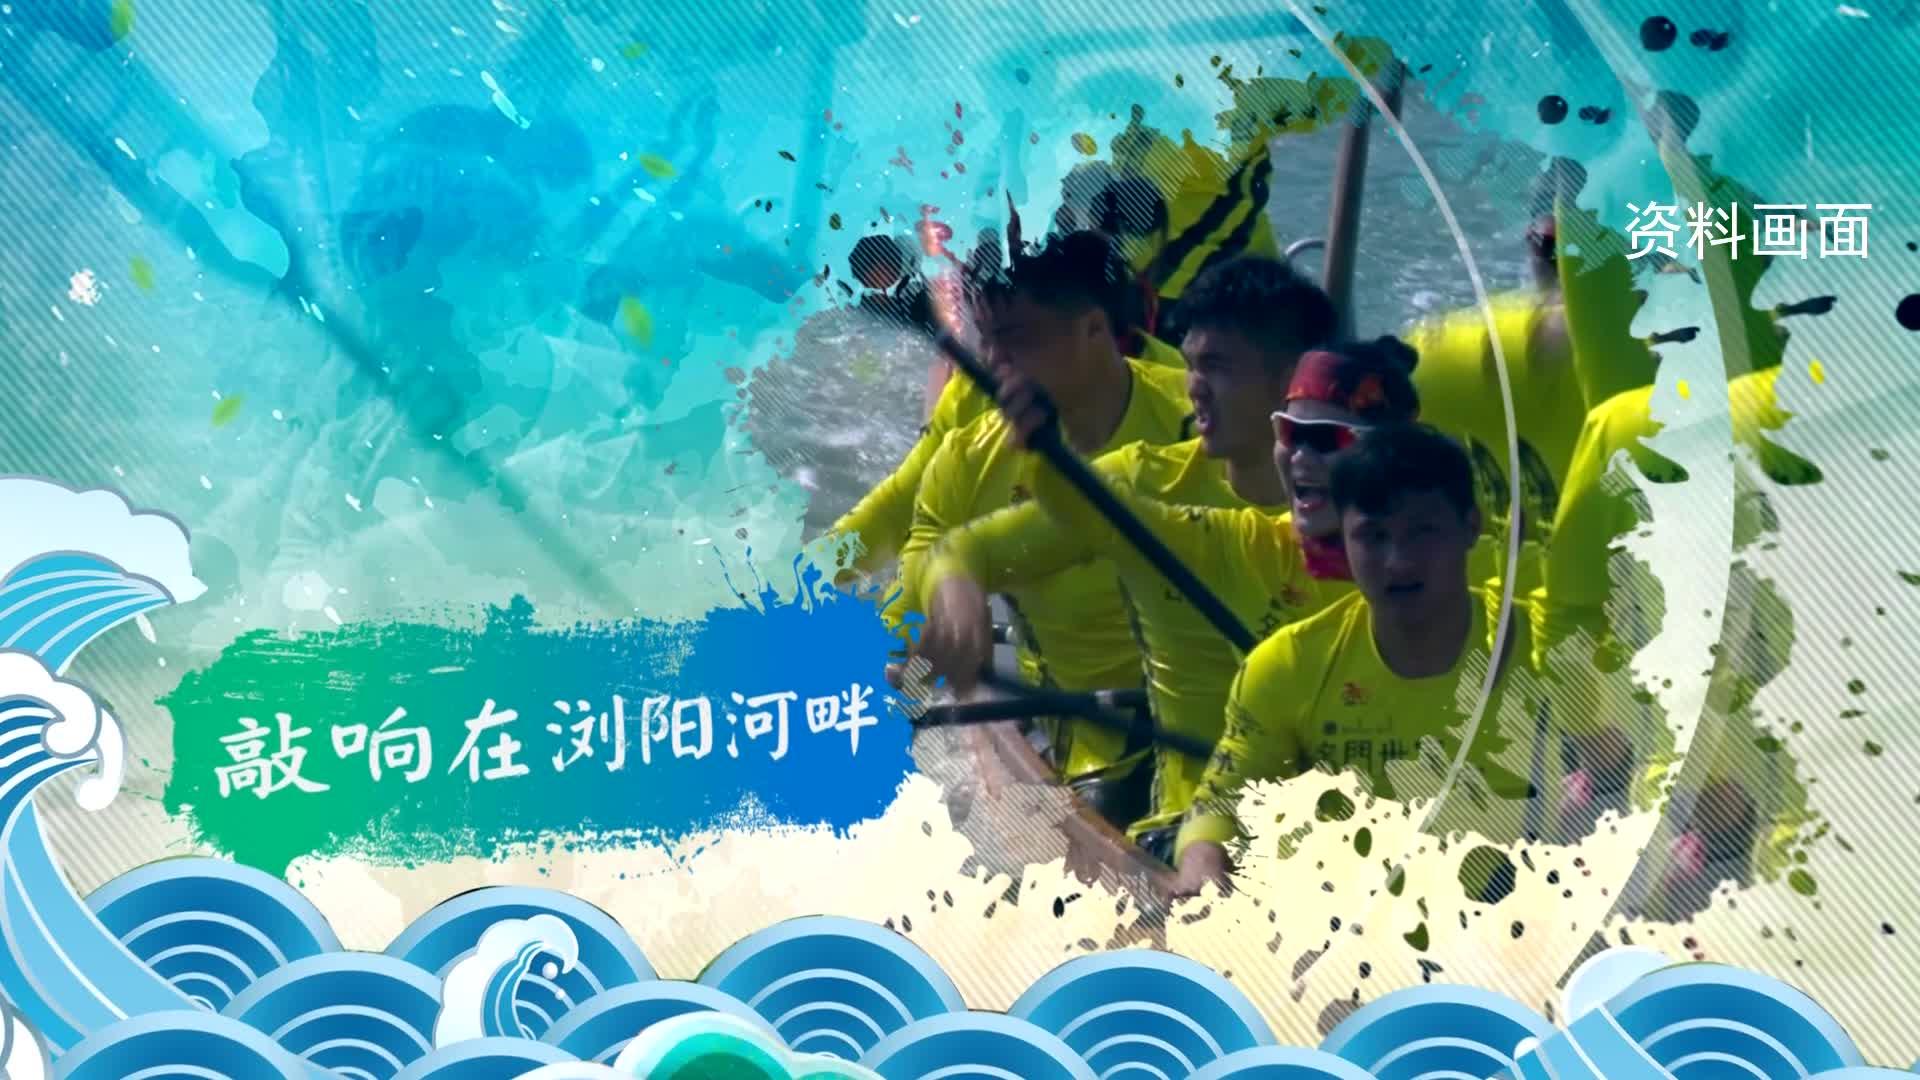 2019年中华龙舟大赛芙蓉站4月20日开赛